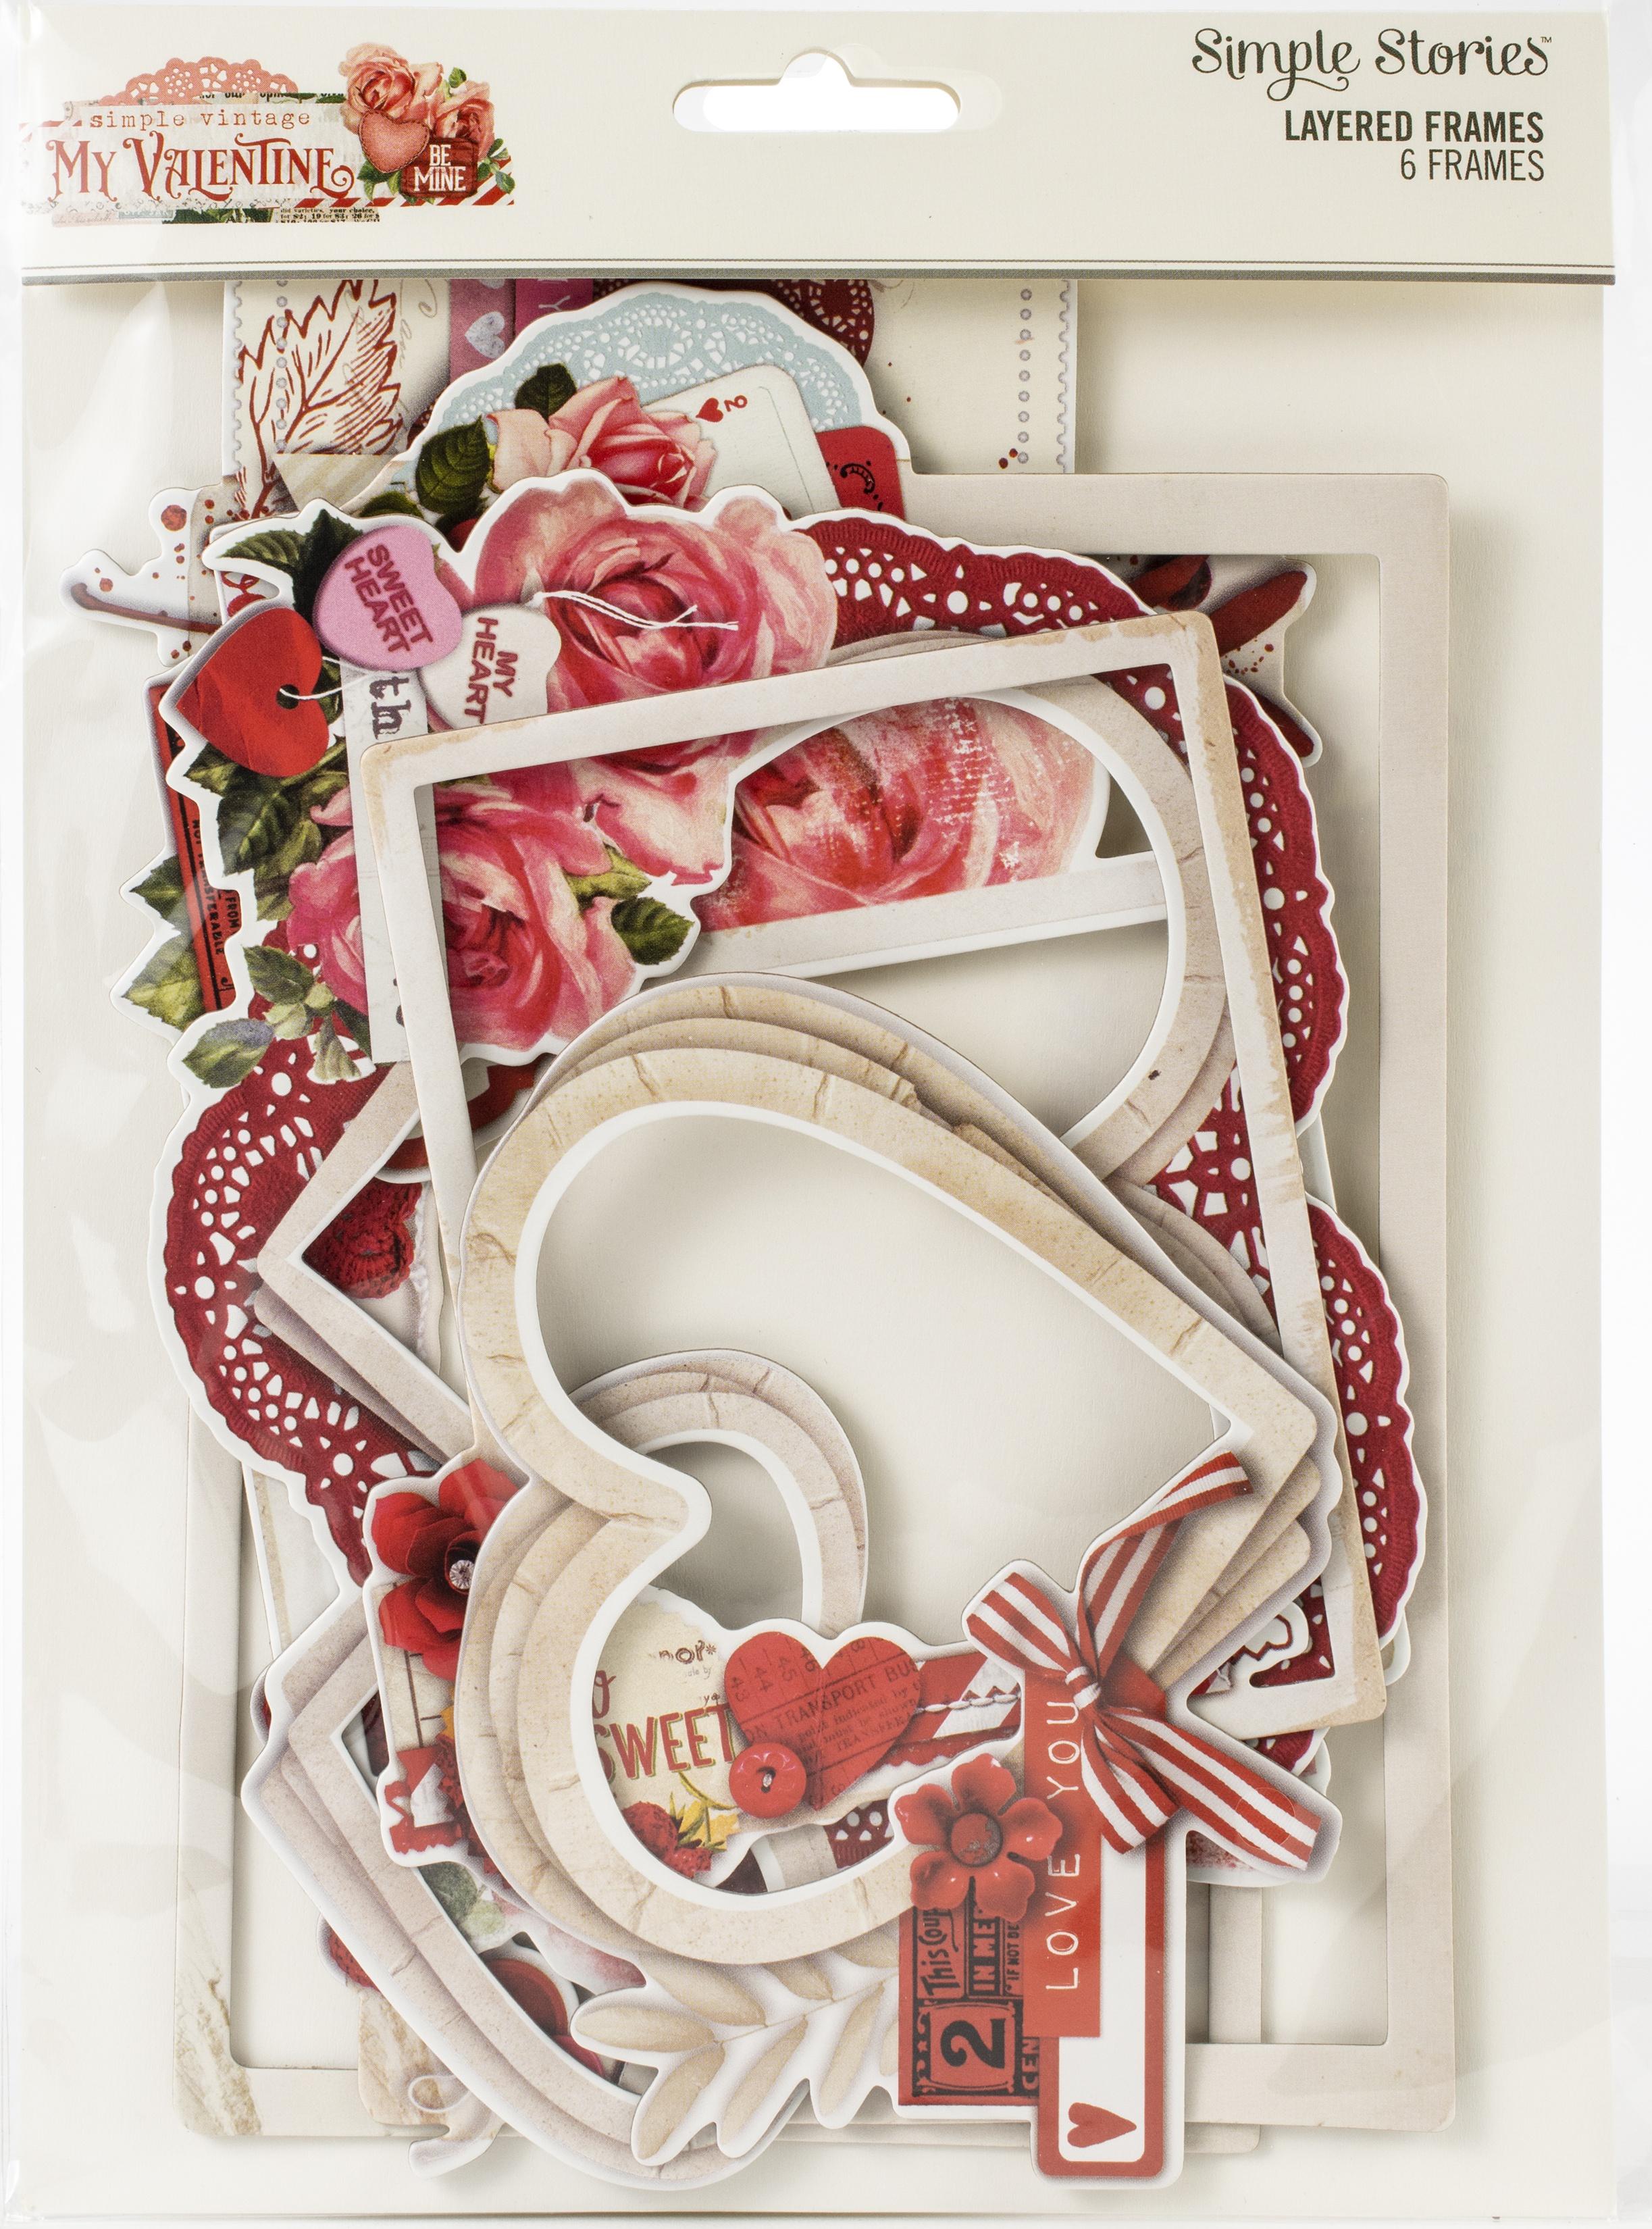 Simple Vintage My Valentine Layered Frames Die-Cuts 6/Pkg